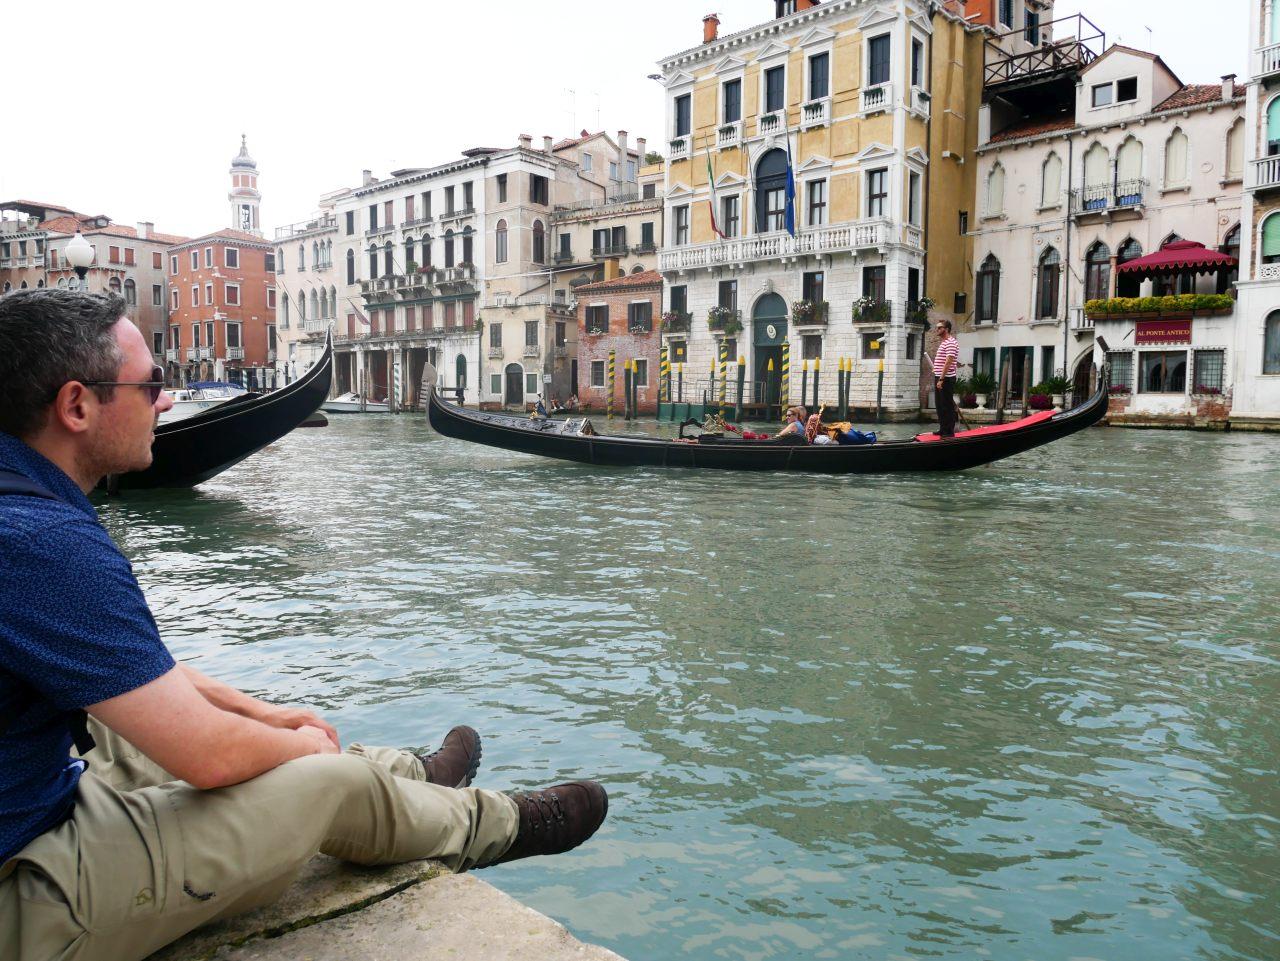 visiter venise en 2 jours: les gondoles